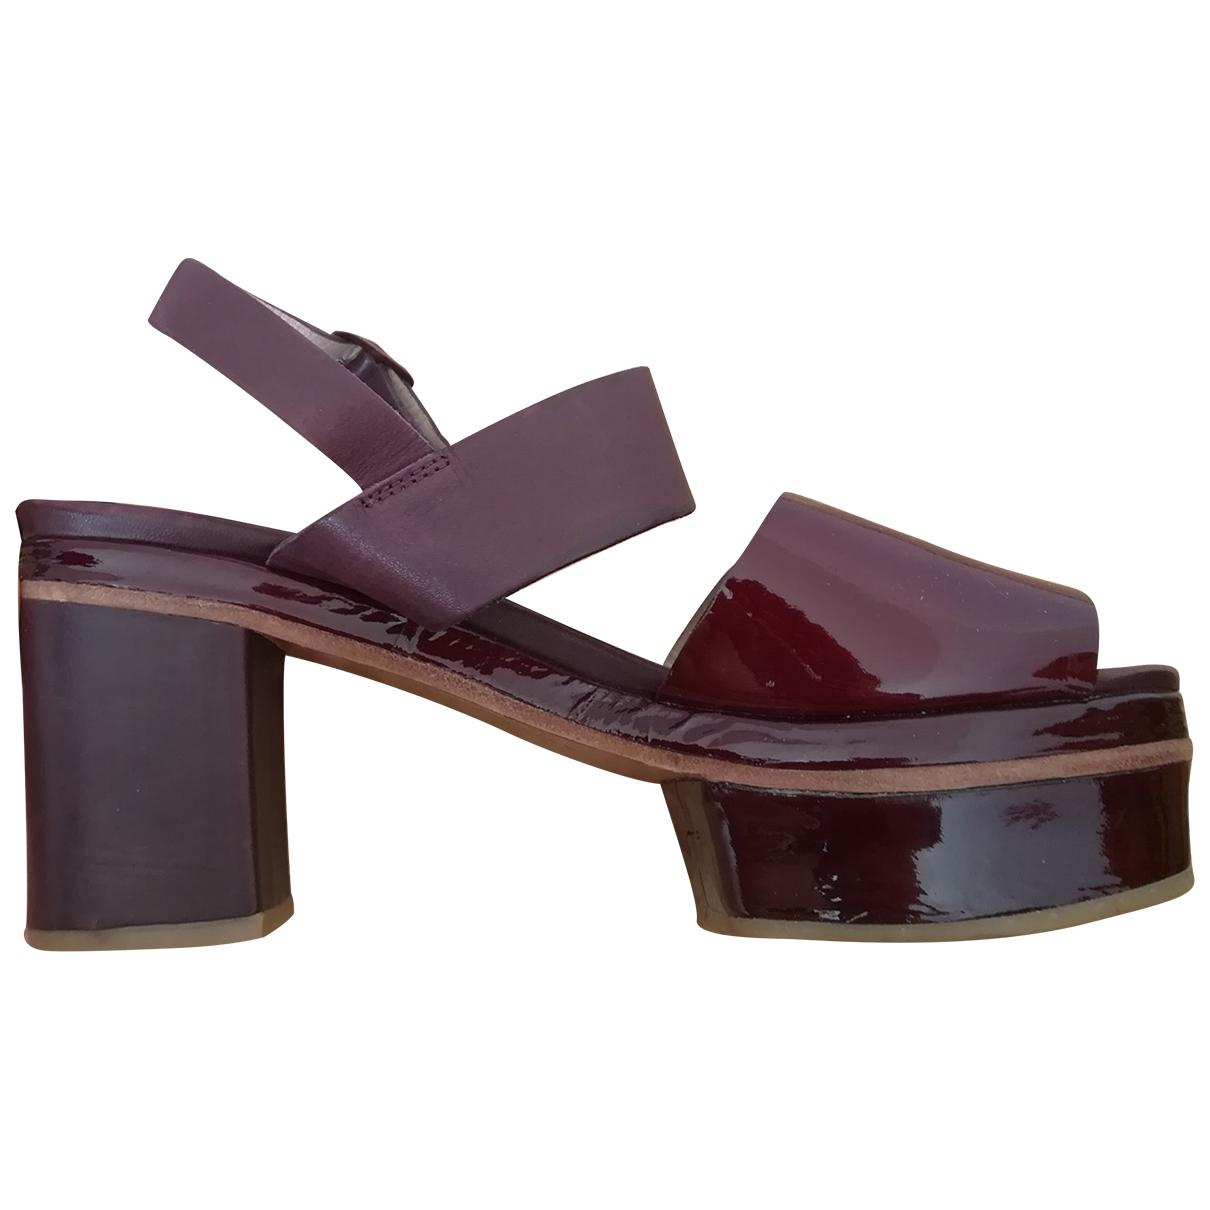 Cos - Sandales   pour femme en cuir verni - bordeaux